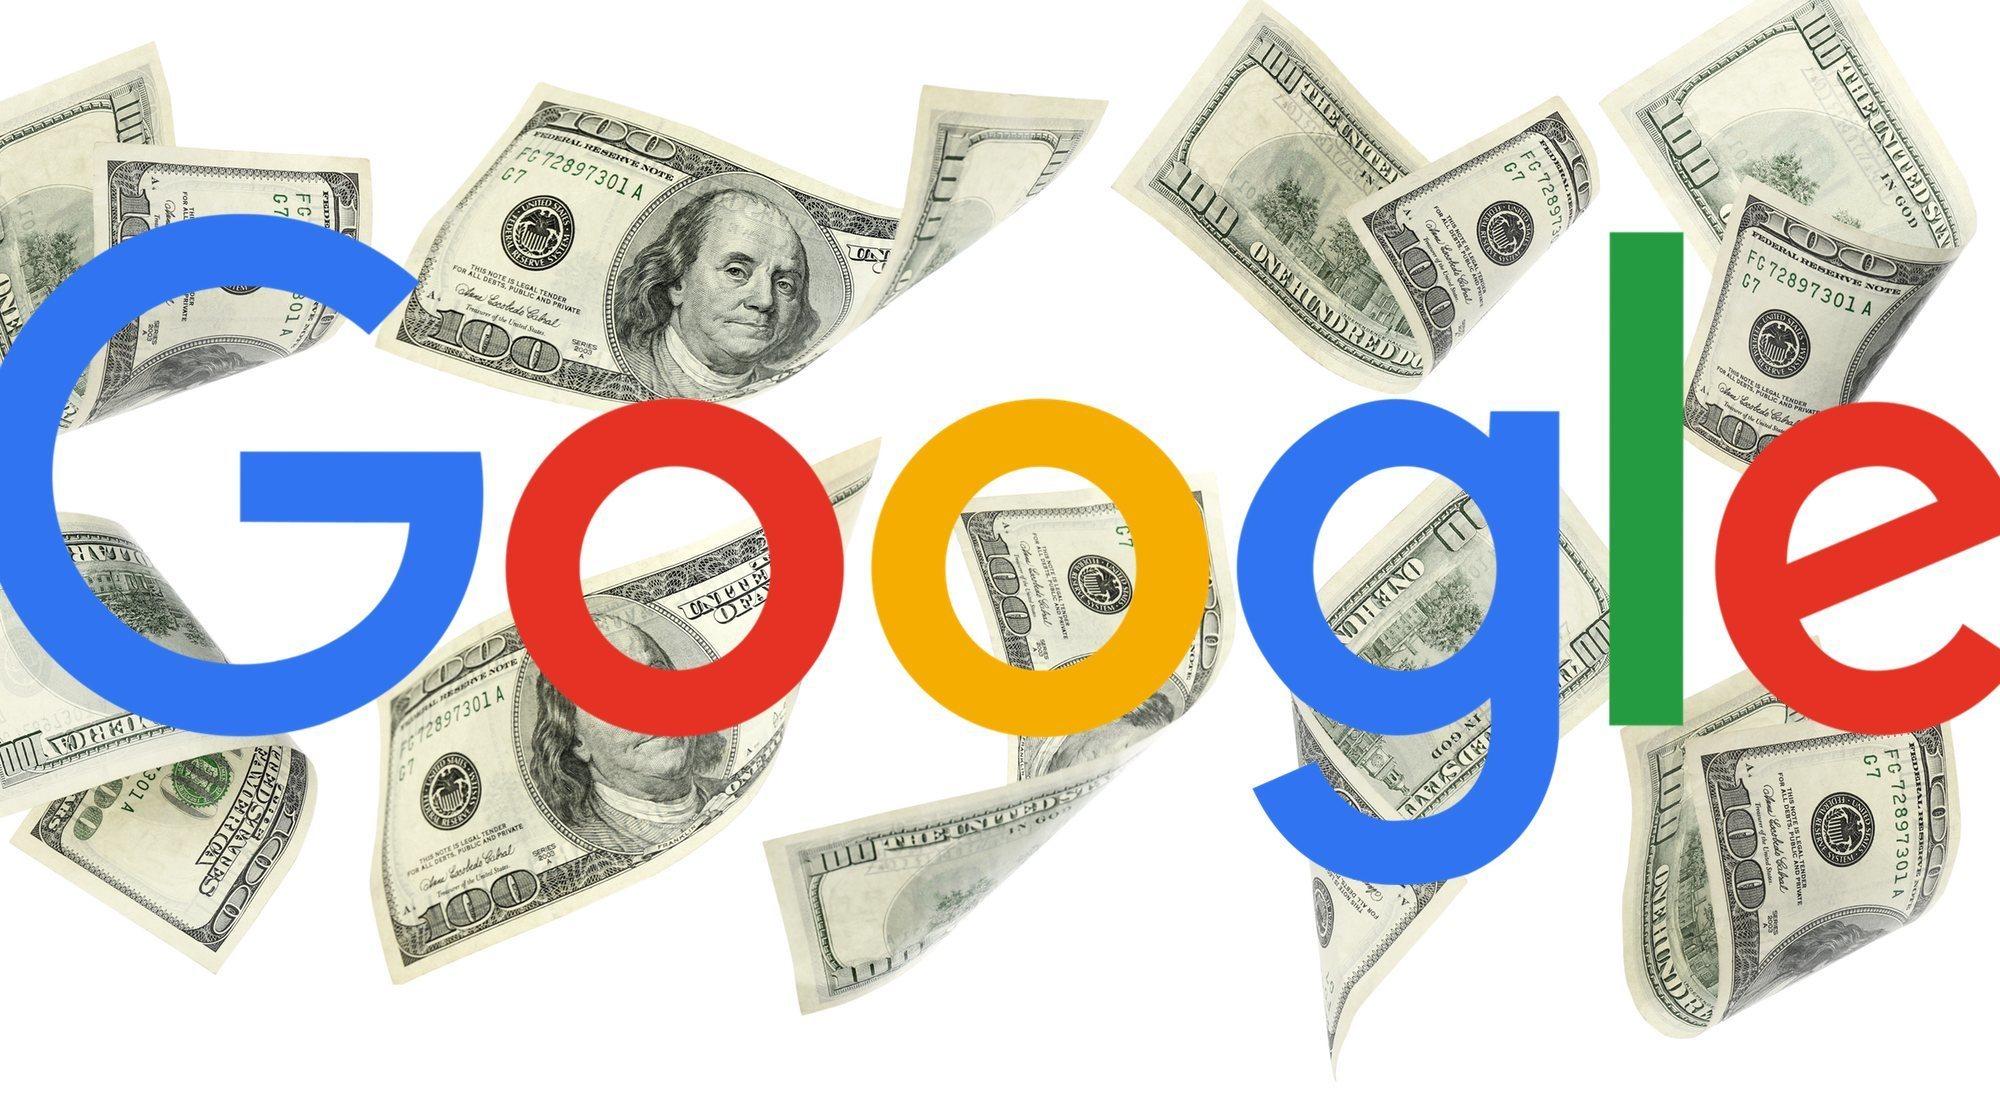 El historial de multas de Google y otros 5 castigos ejemplares a grandes empresas